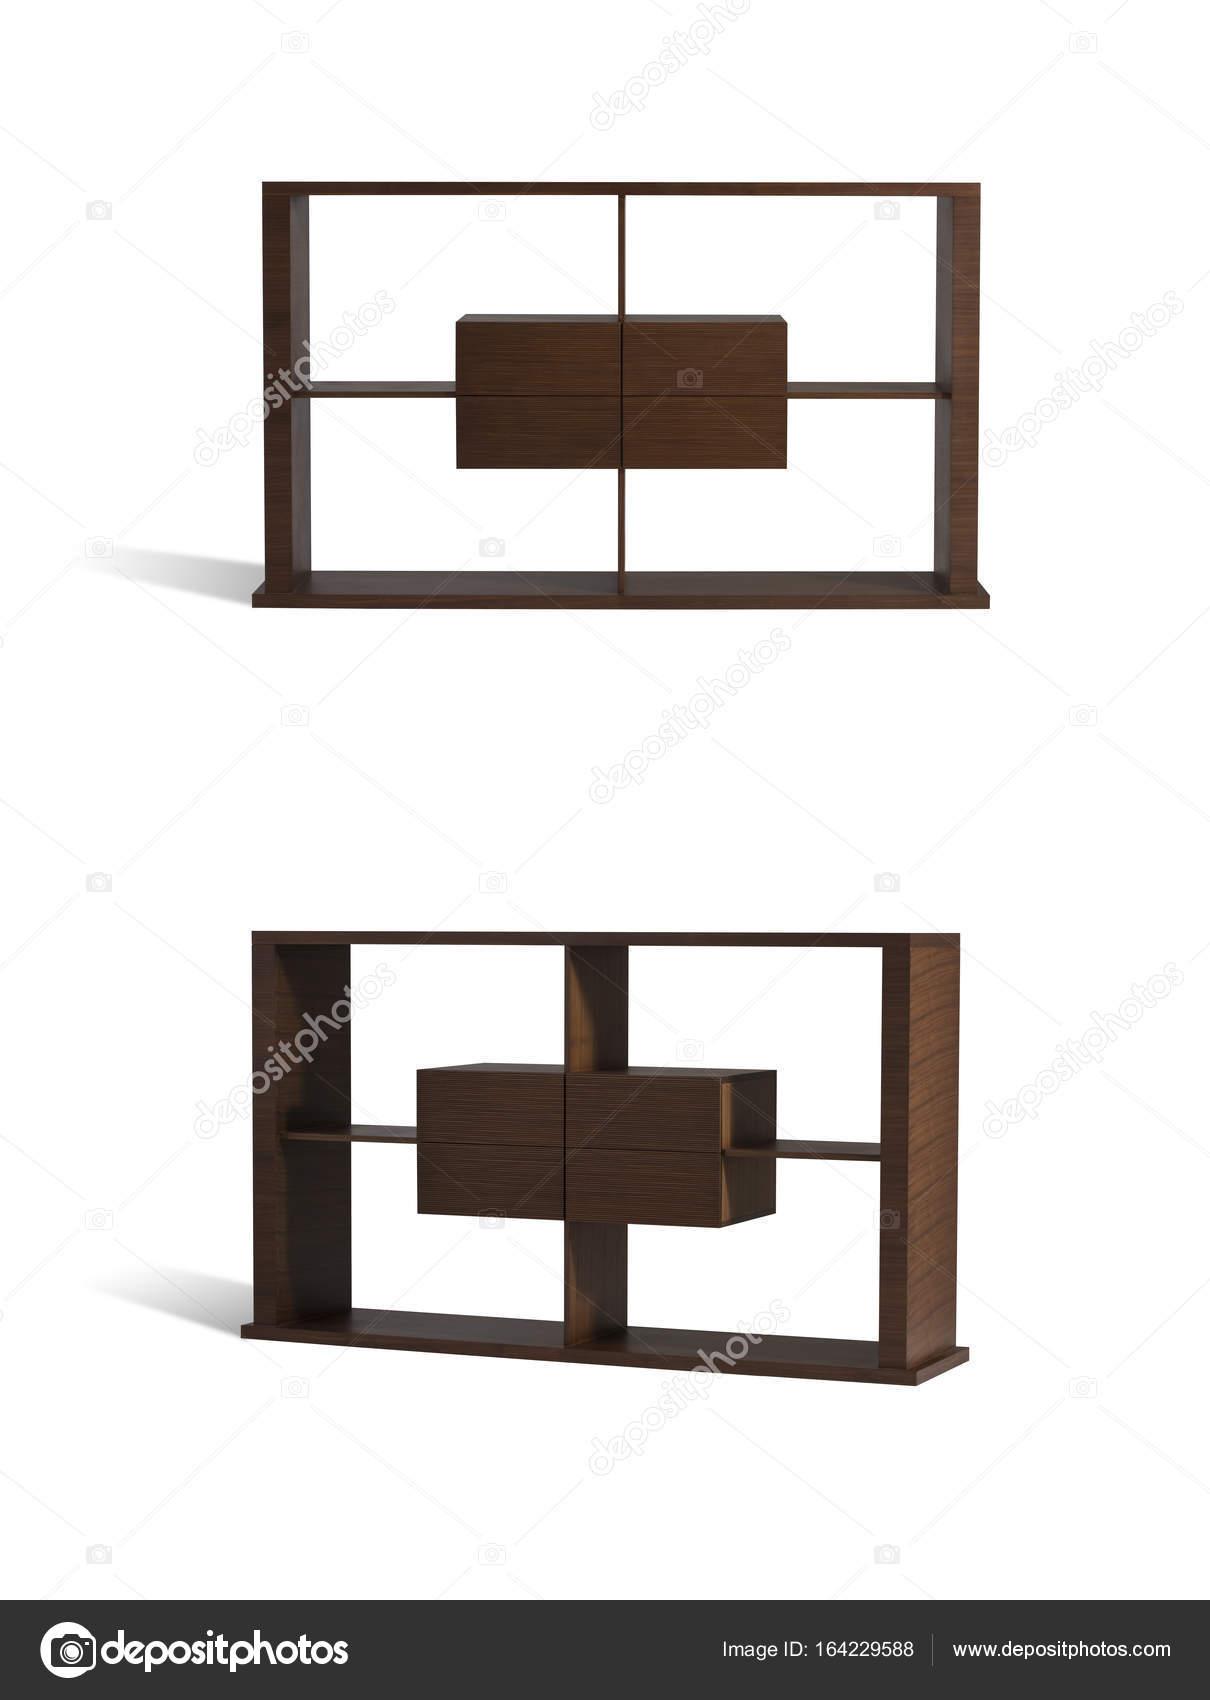 Mobili In Legno Design.Mobili Di Legno Mensola Moderna Design Cassetto Foto Stock